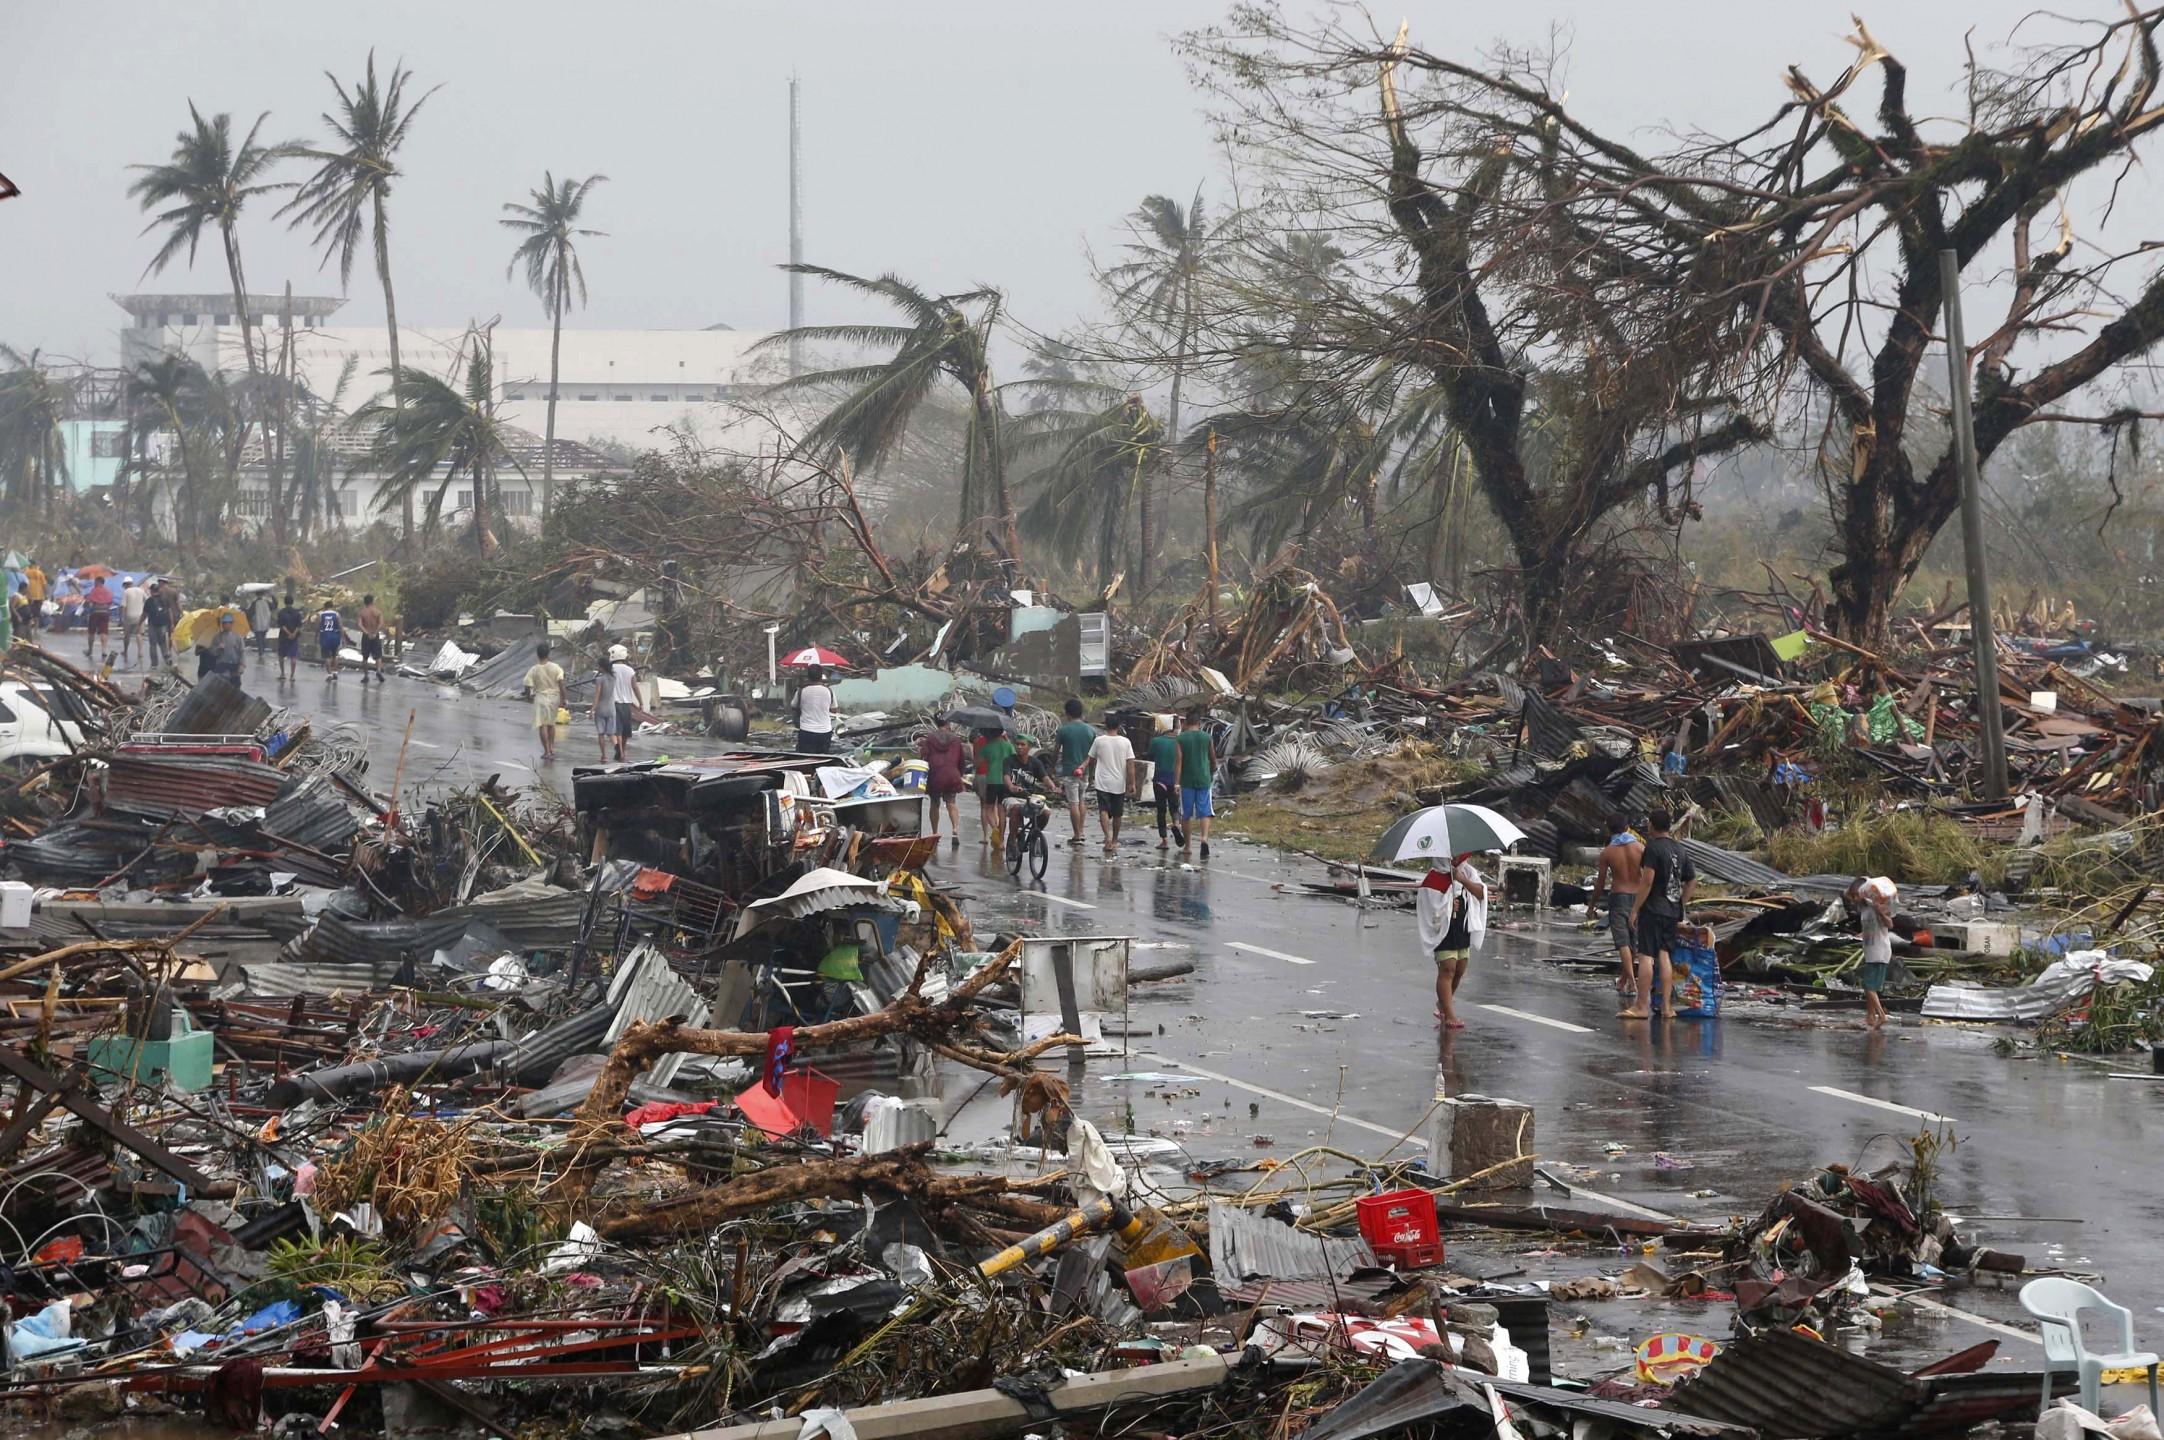 Tyfoon Haiyan verwoest de Filipijnen